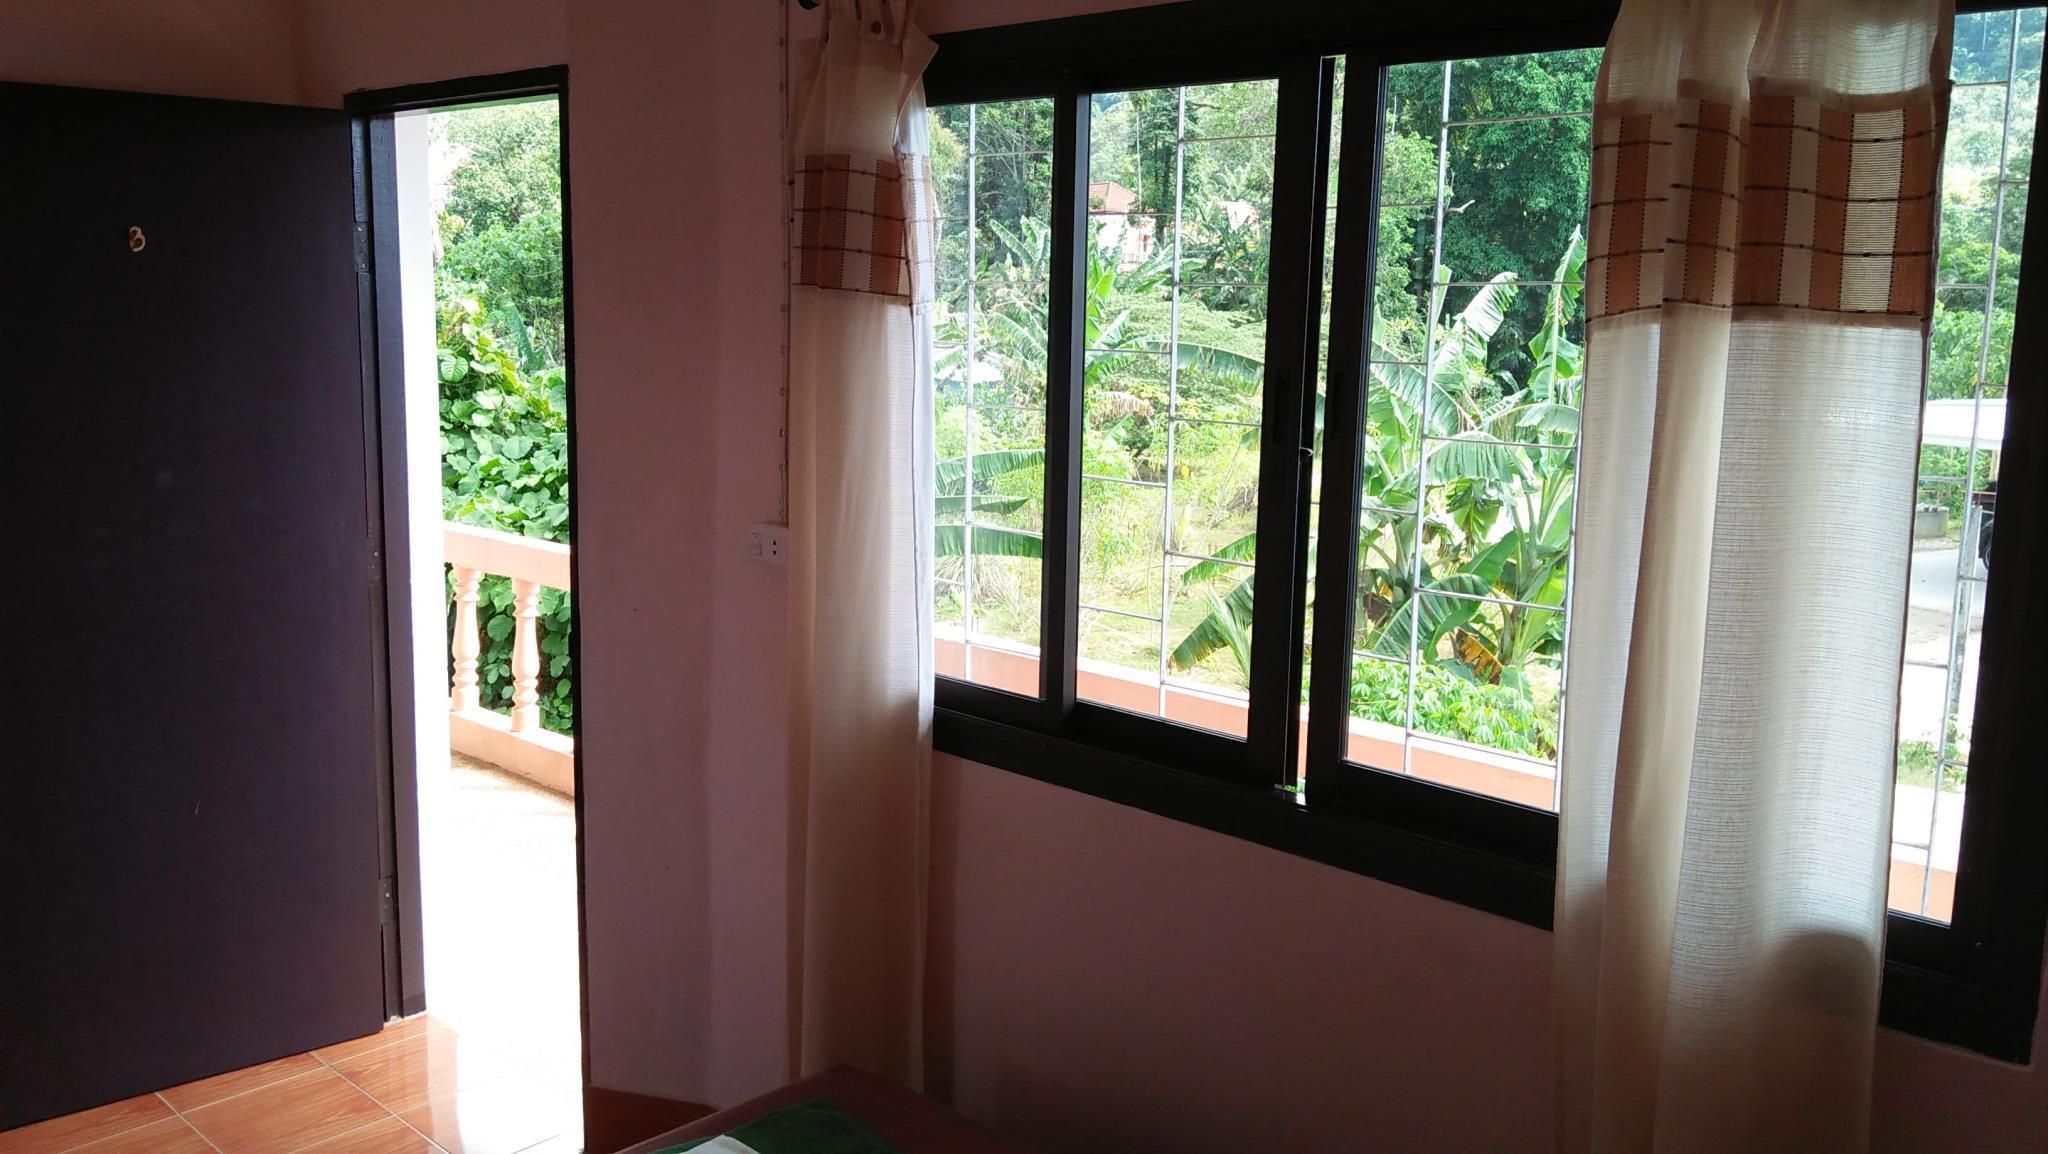 อพาร์ตเมนต์ 1 ห้องนอน 1 ห้องน้ำส่วนตัว ขนาด 20 ตร.ม. – หาดนางทอง